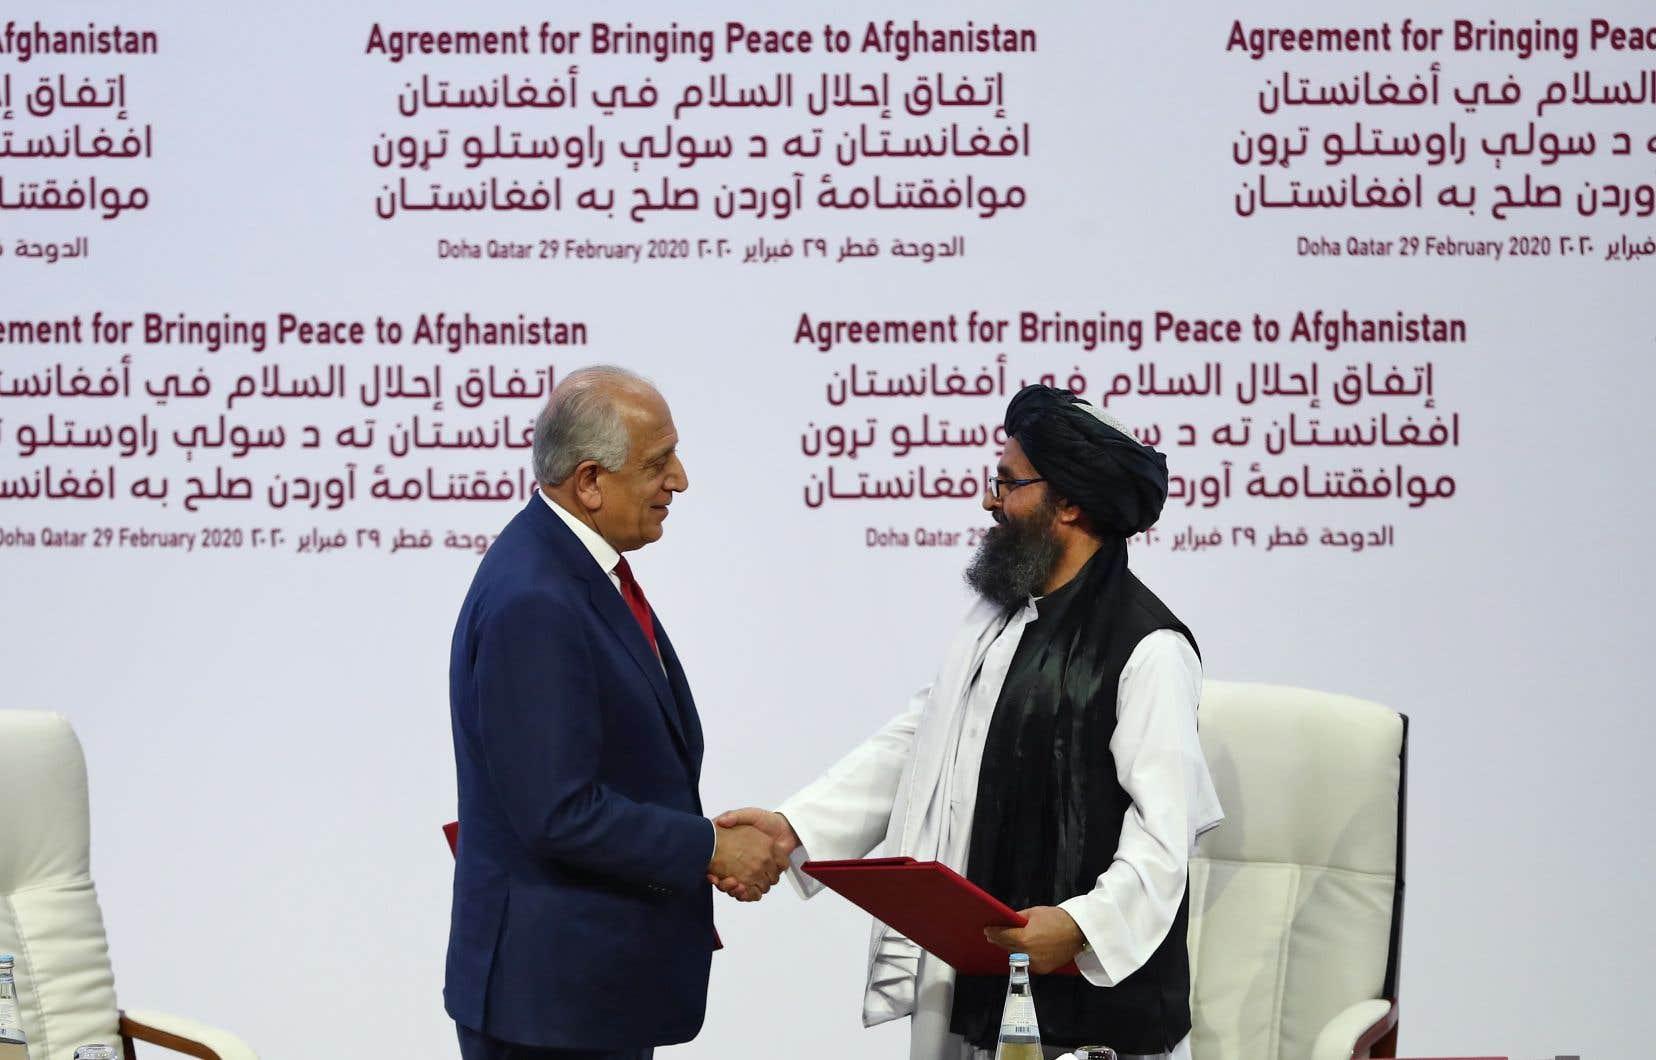 L'accord négocié pendant un an et demi au Qatar a été signé par les principaux négociateurs des deux parties ennemies, Zalmay Khalilzad côté américain (à gauche) et le chef politique des talibans Abdul Ghani Baradar.